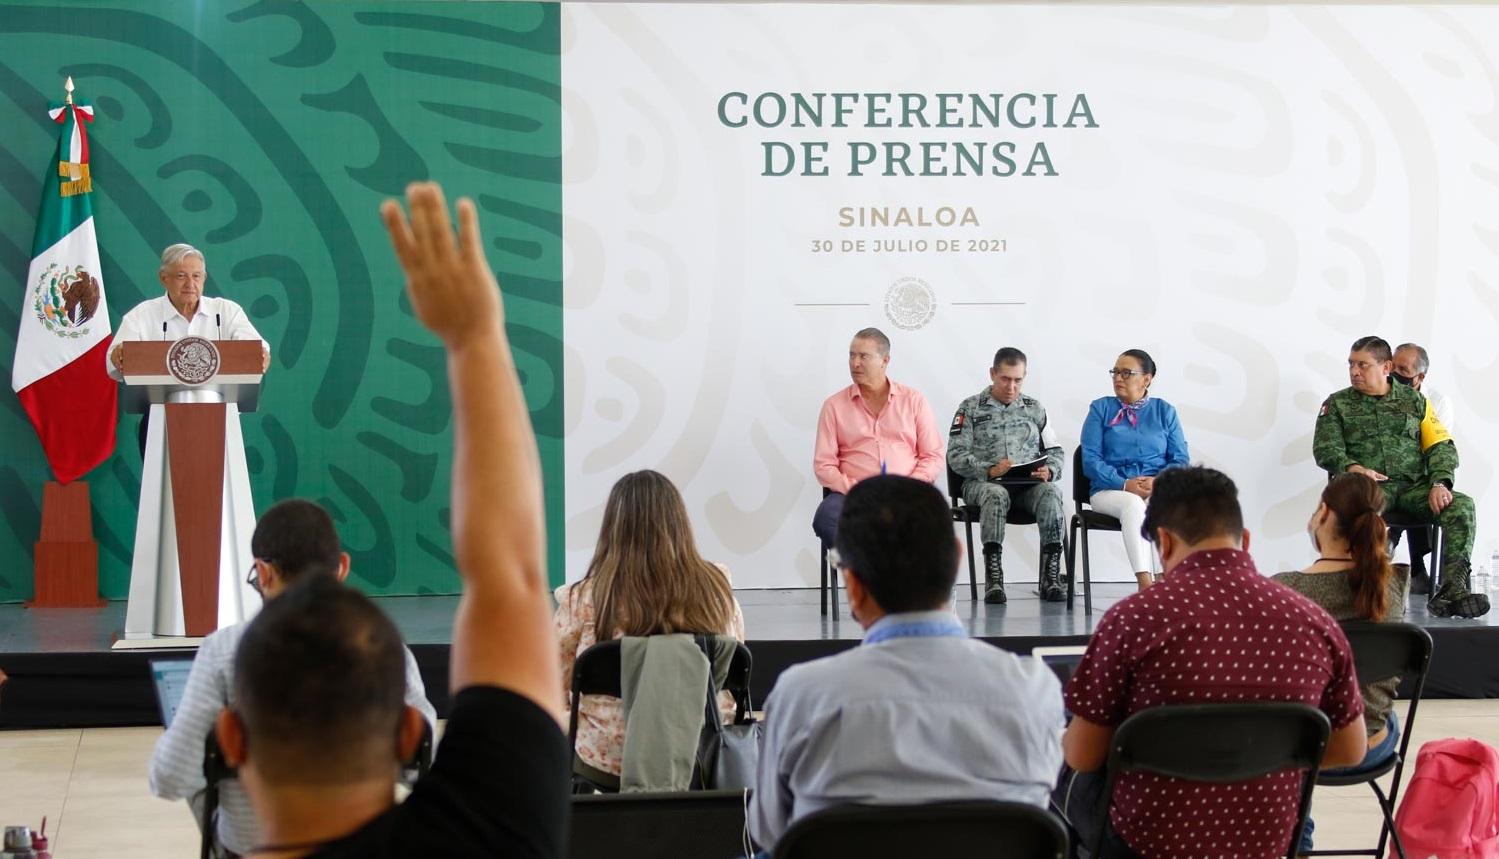 En Sinaloa continuara estrategia de atencion a las causas de la inseguridad y la violencia afirma Lopez Obrador